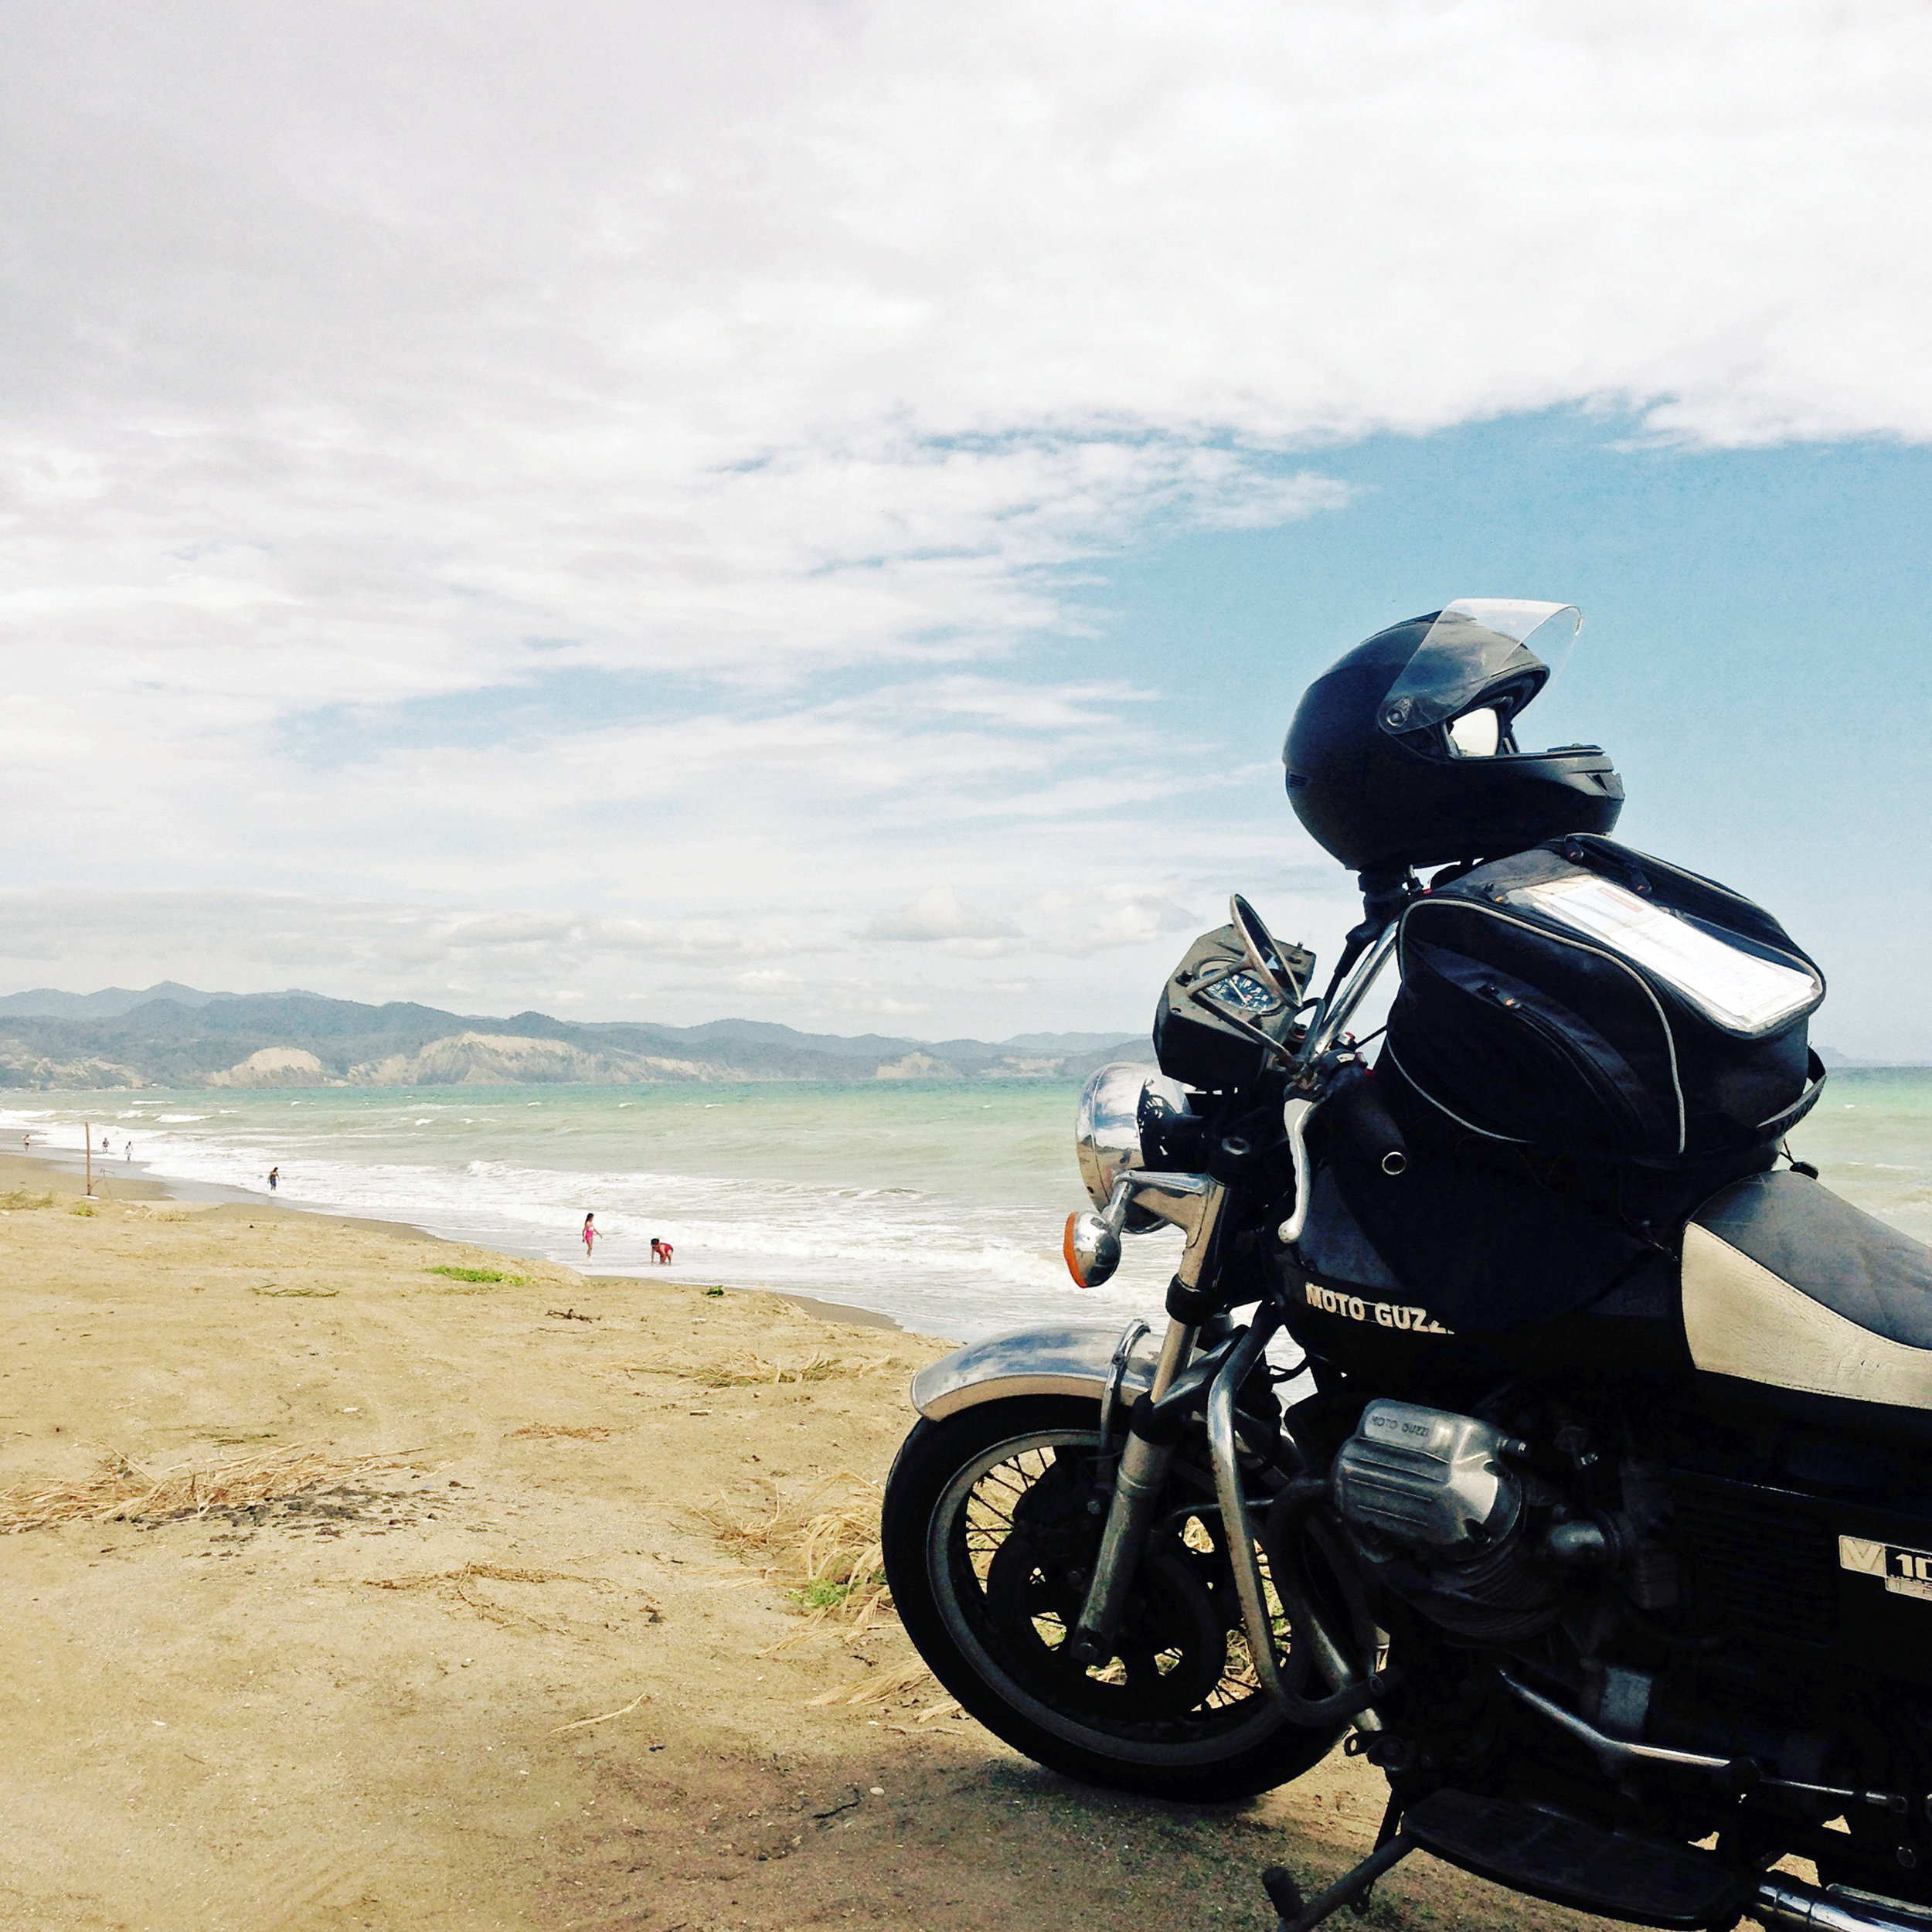 Conociendo la costa ecuatoriana